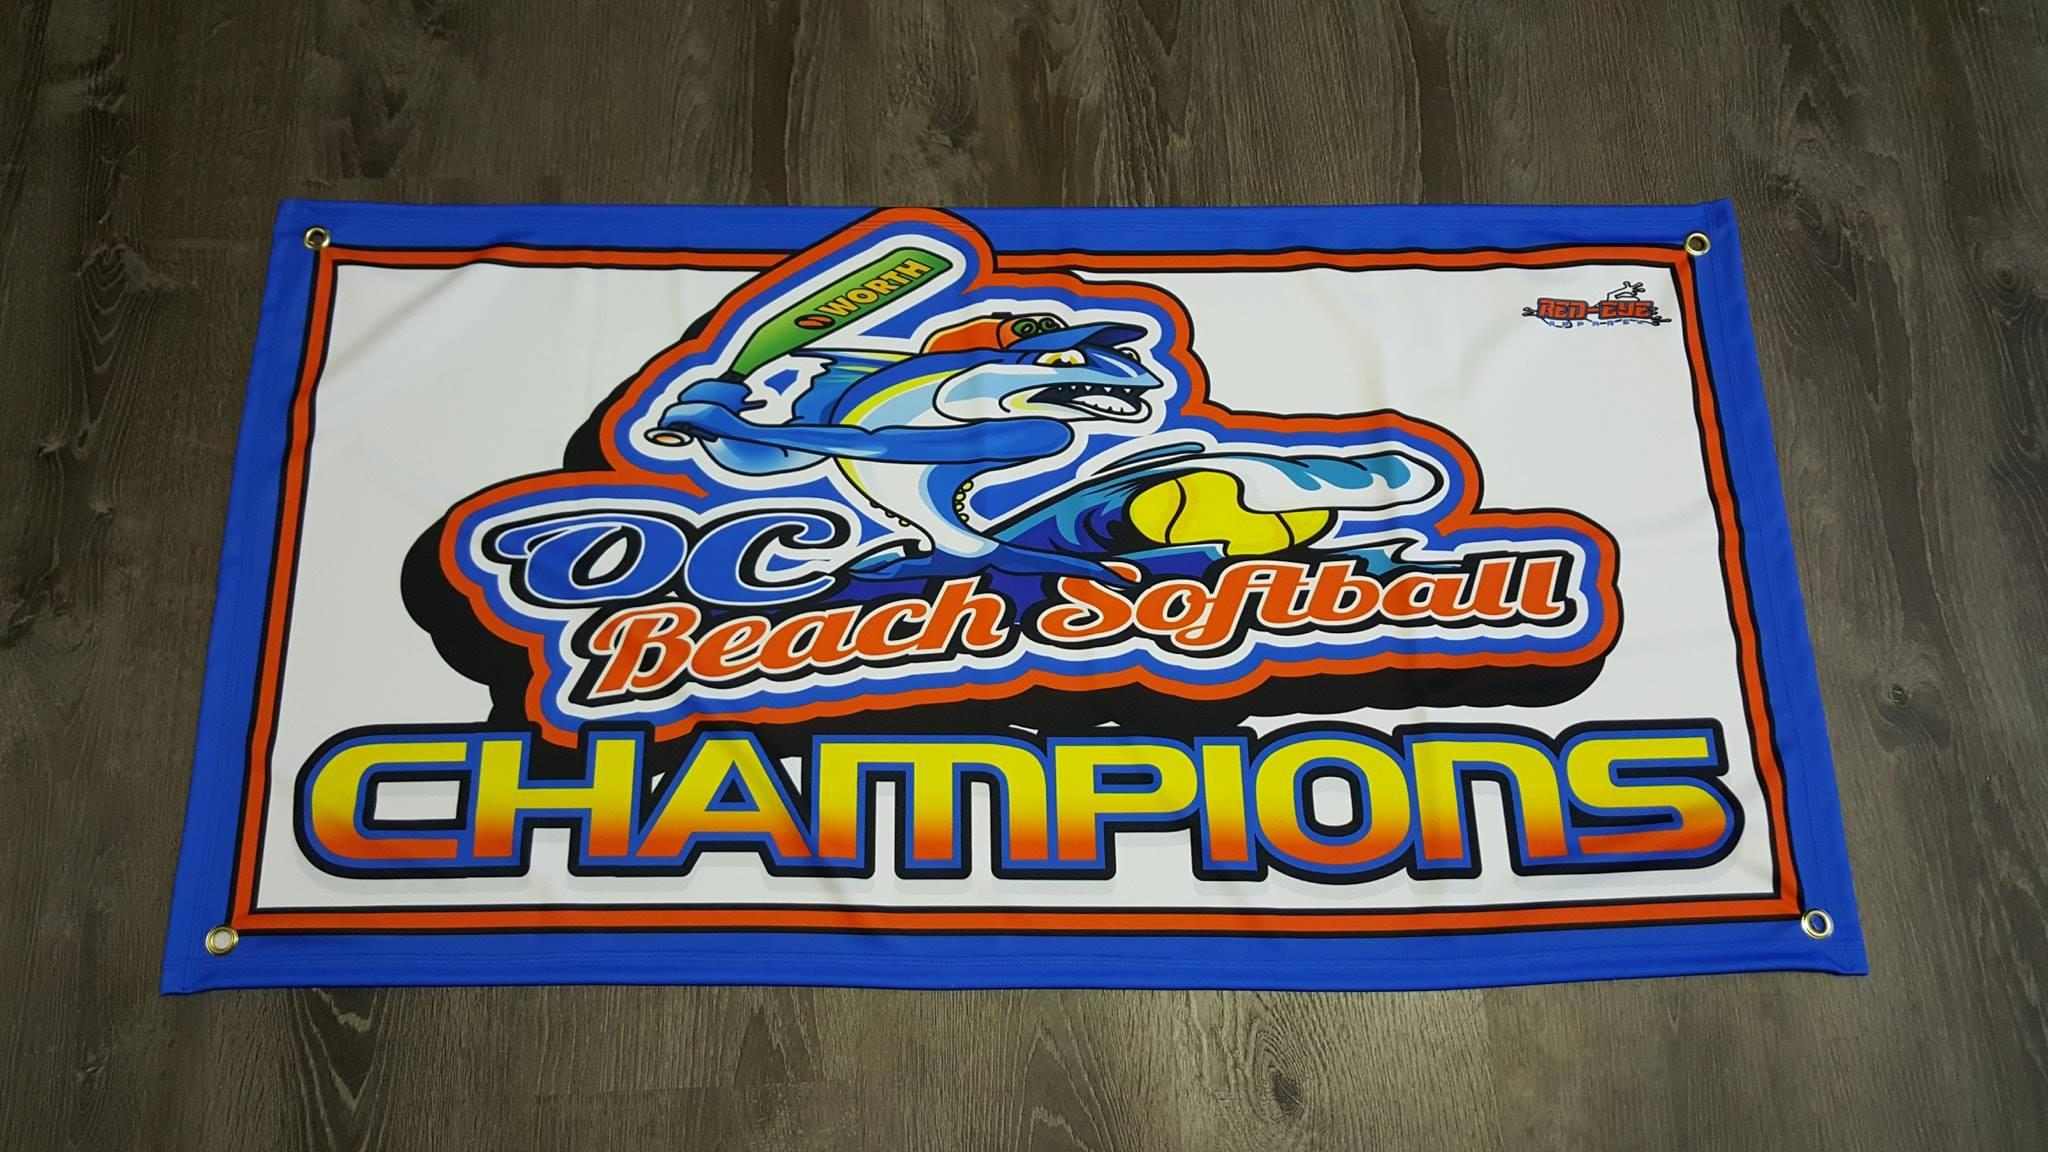 OC Beach Softball